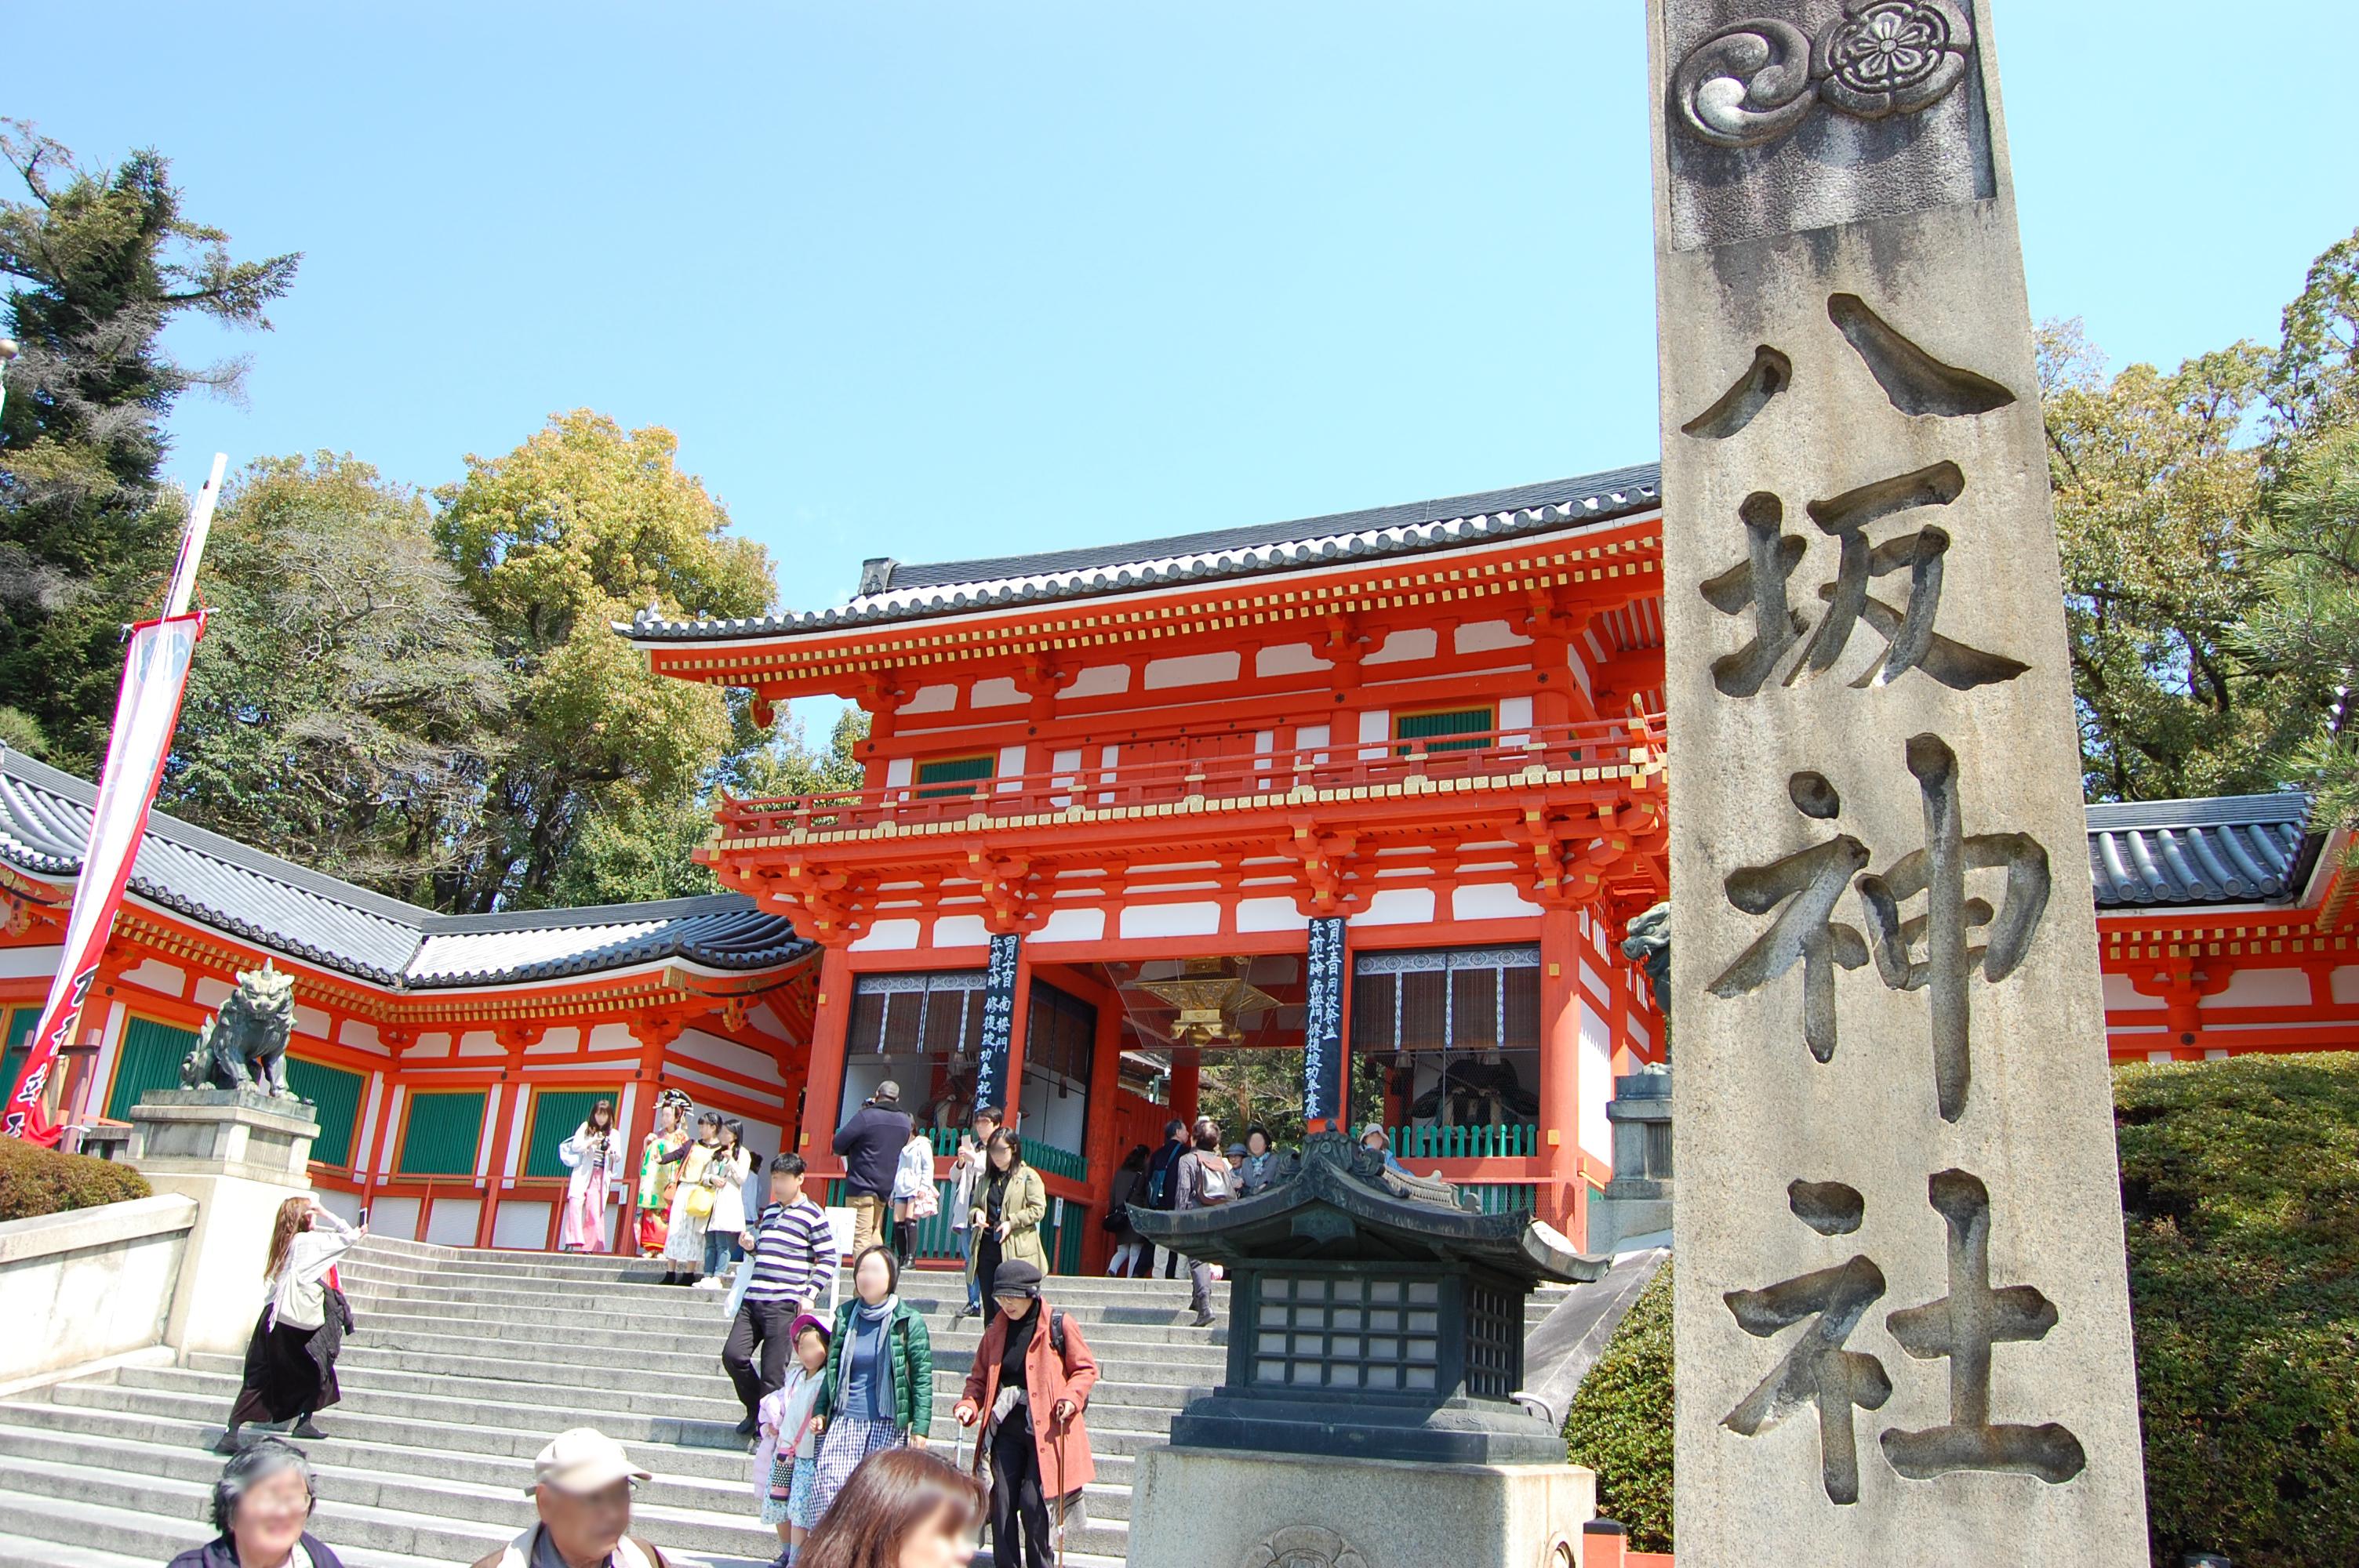 八坂神社初詣2020混雑する時間と屋台の出店期間 デートコースにおすすめ